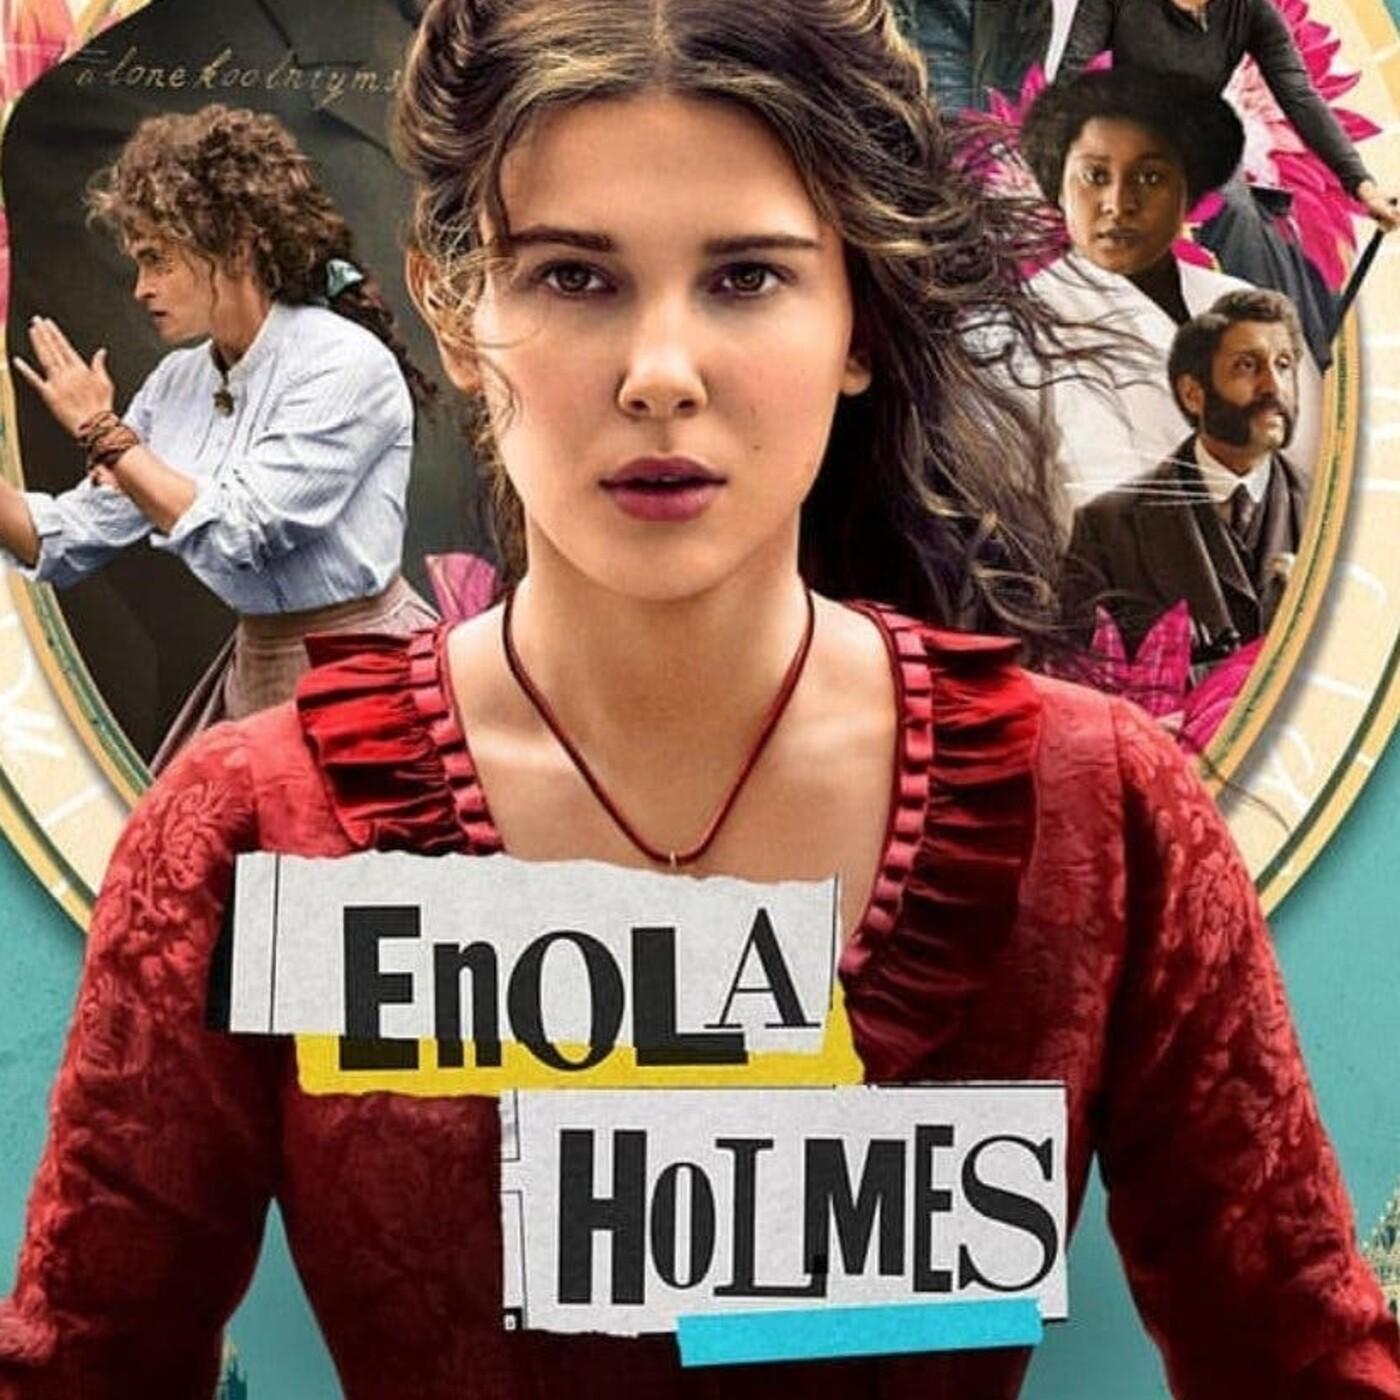 Podcast Comikaze #173: Enola Holmes, de los libros al cómic y el salto a Netflix